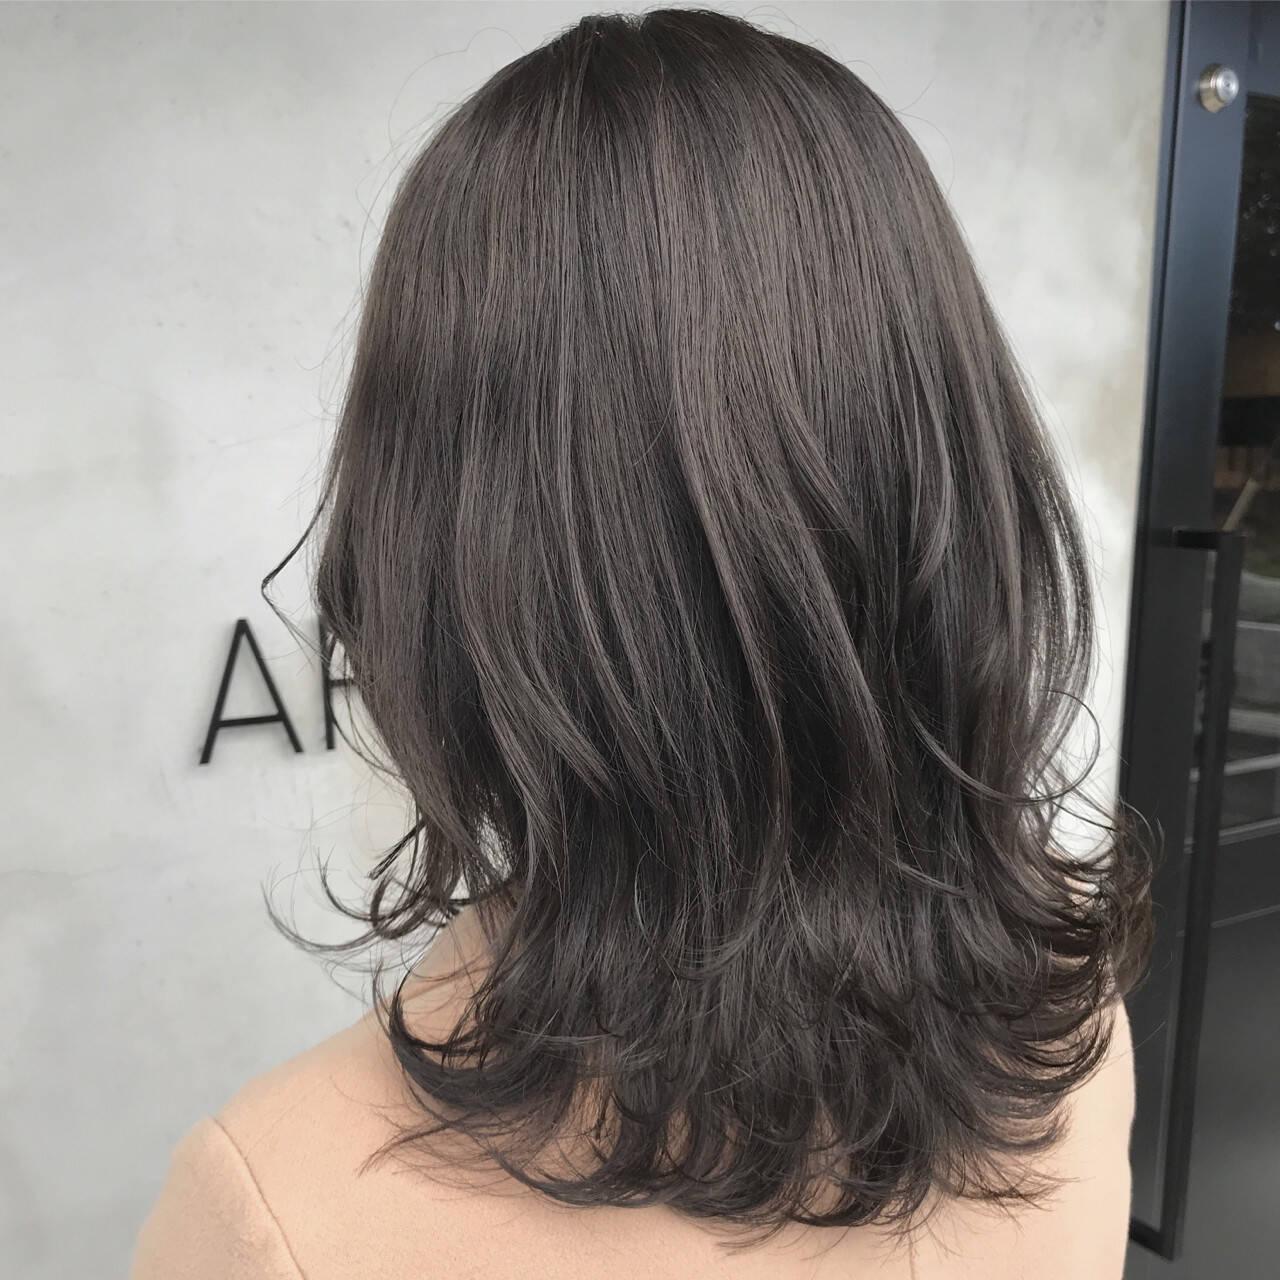 コンサバ 外国人風カラー セミロング グレージュヘアスタイルや髪型の写真・画像